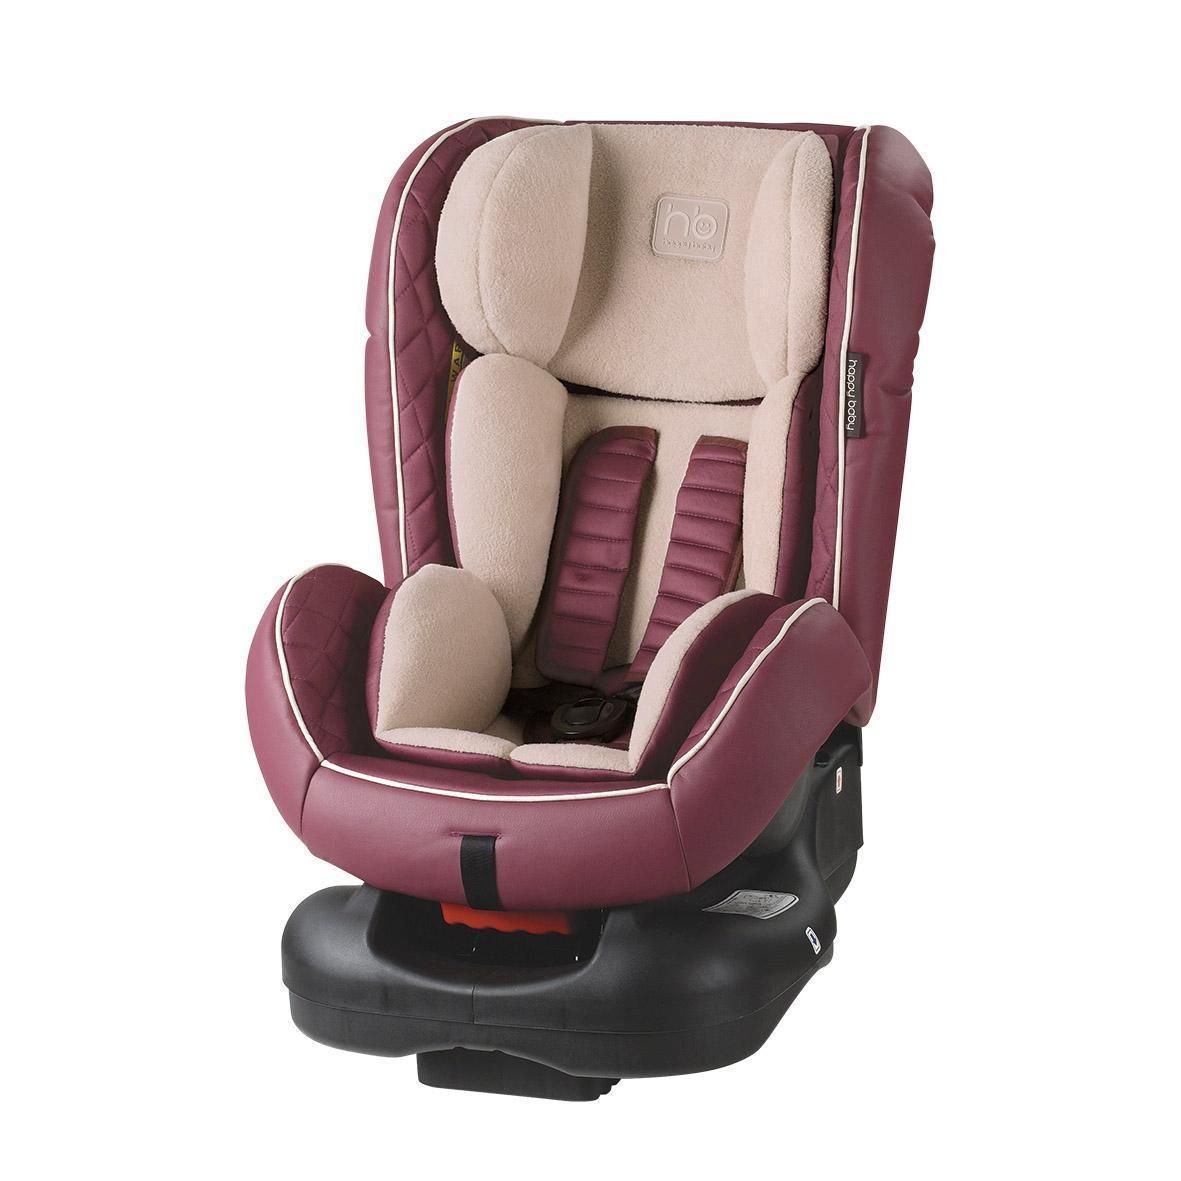 Автокресло Happy Baby Taurus PurpleFS-80423Taurus - автомобильное кресло групп 0/I (для детей от 0 до 18 кг). Внешняя часть кресла выполнена из качественной экокожи, приятной на ощупь, которая не пачкается и имеет водоотталкивающий эффект. Благодаря дышащей фактурной текстильной вкладке малыш будет чувствовать себя комфортно. Кресло имеет 4 положения наклона спинки, оснащено удобным механизмом регулировки. Ребенок фиксируется в кресле с помощью пятиточечных ремней безопасности, оснащенных регулируемыми по высоте накладками. Вы можете комфортно поместить малыша в кресло и быть уверенными в его безопасности. Автокресло крепится в автомобиле с помощью трехточечных штатных ремней безопасности и устанавливается лицом по ходу или против движения автомобиля.